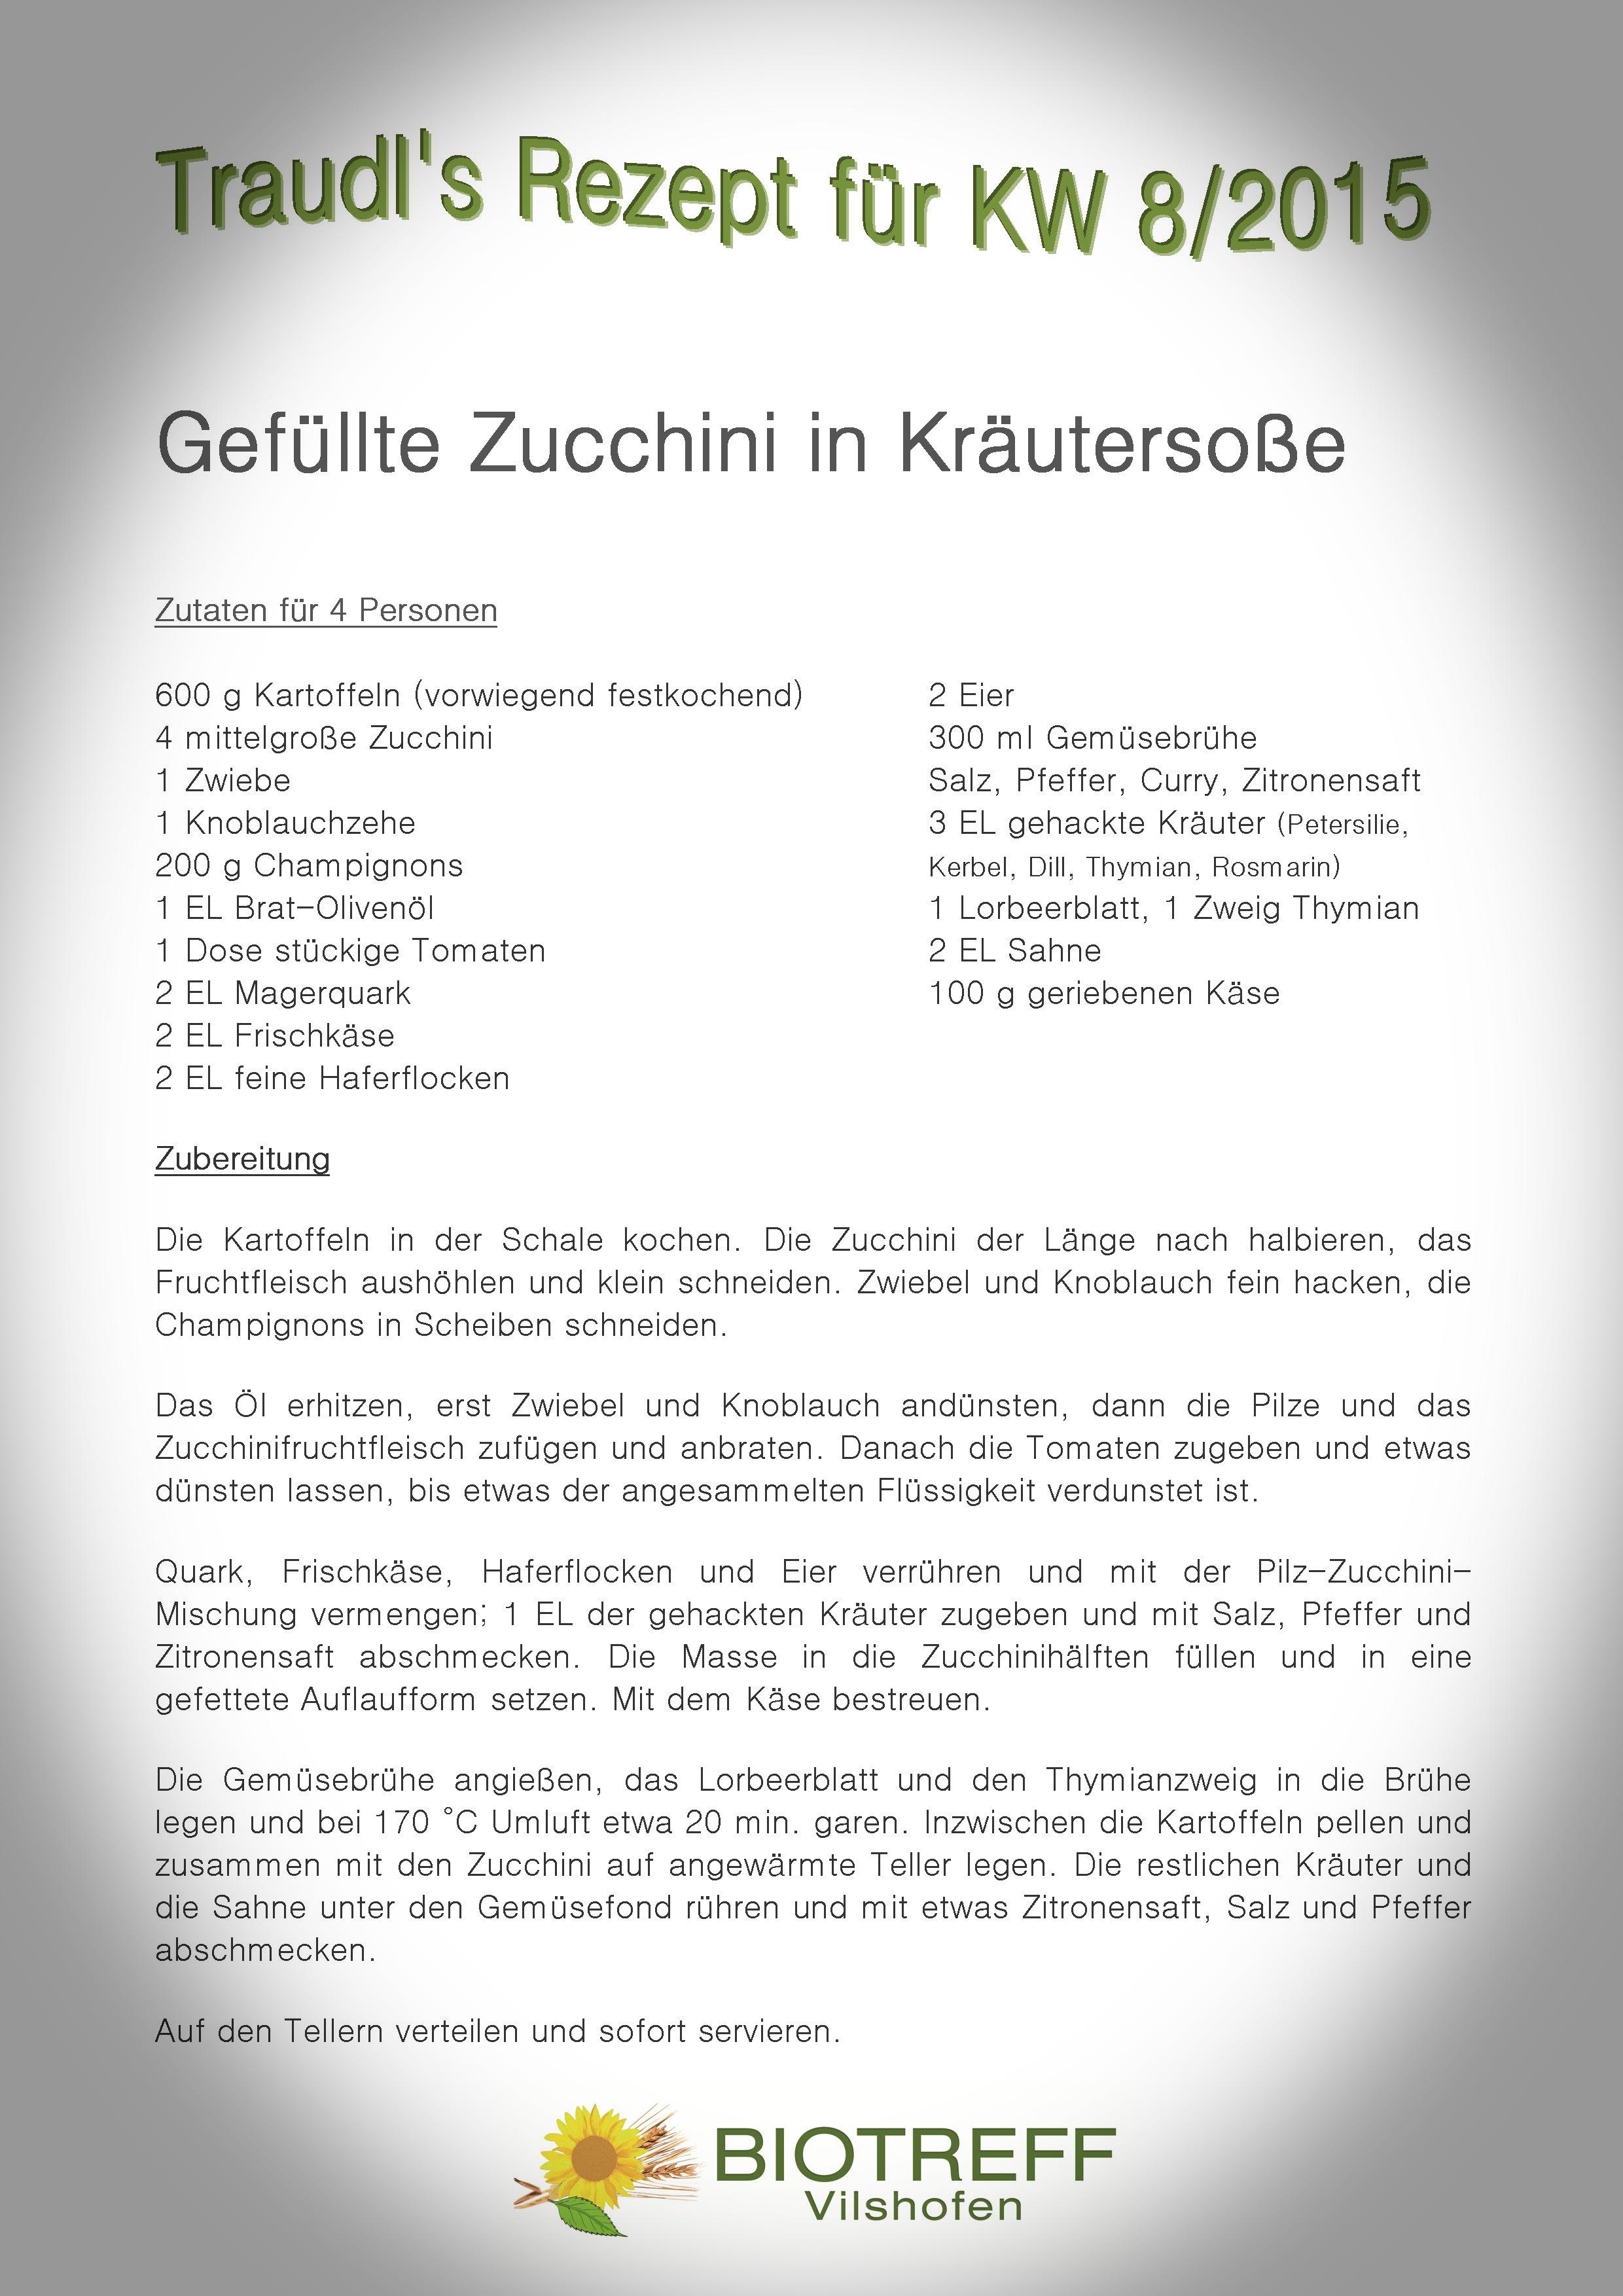 KW 8 Gefüllte Zucchini in Kräutersoße